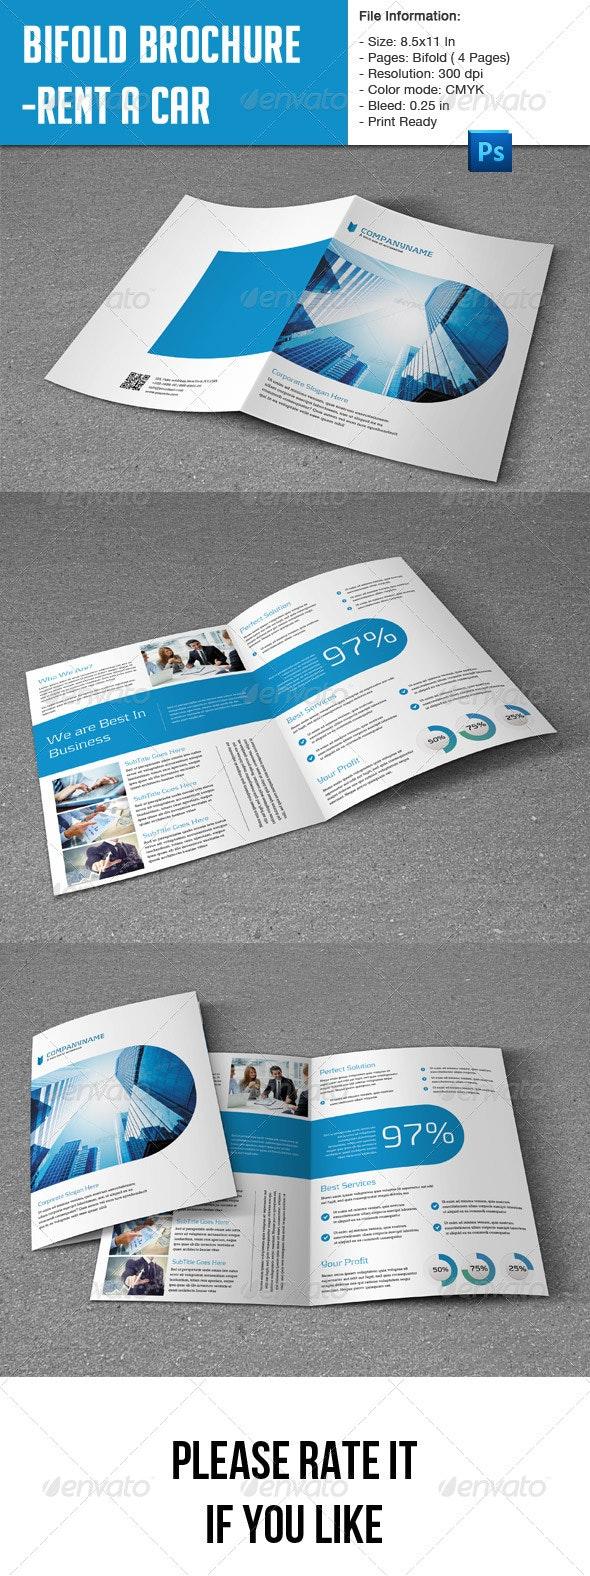 Flexible Bifold Brochure for Business - Corporate Brochures